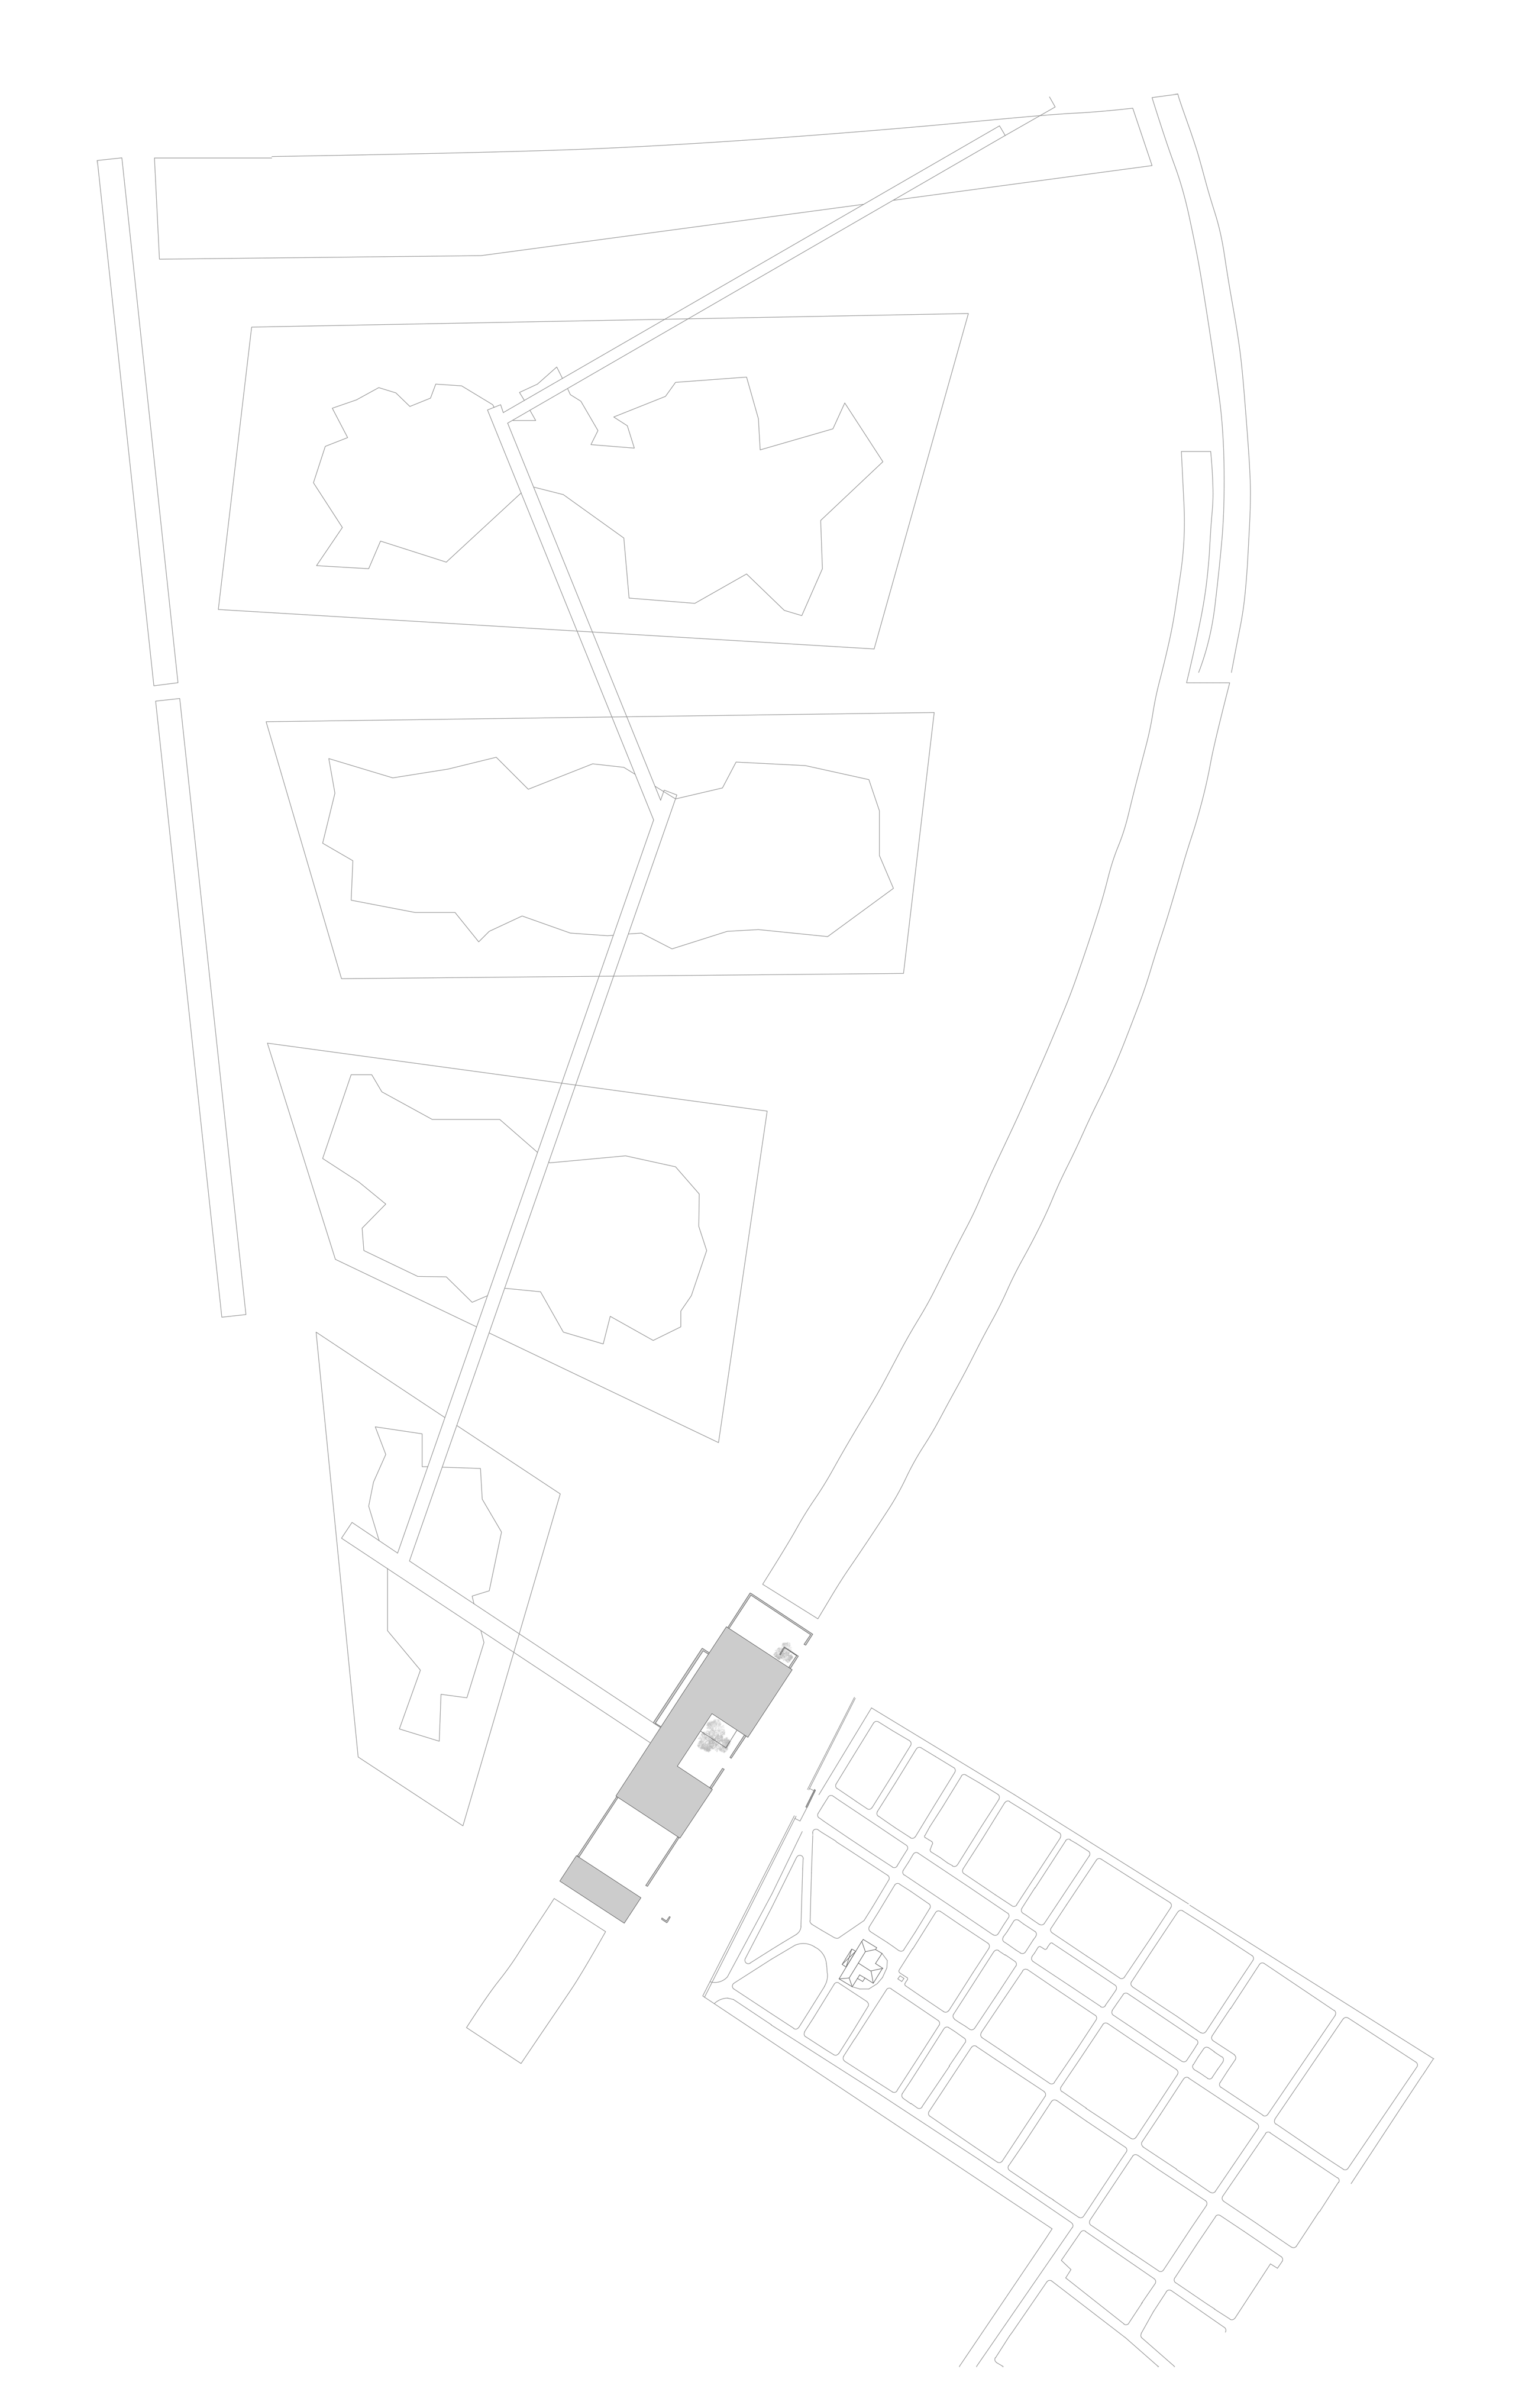 Aussegnungshalle München-Riem